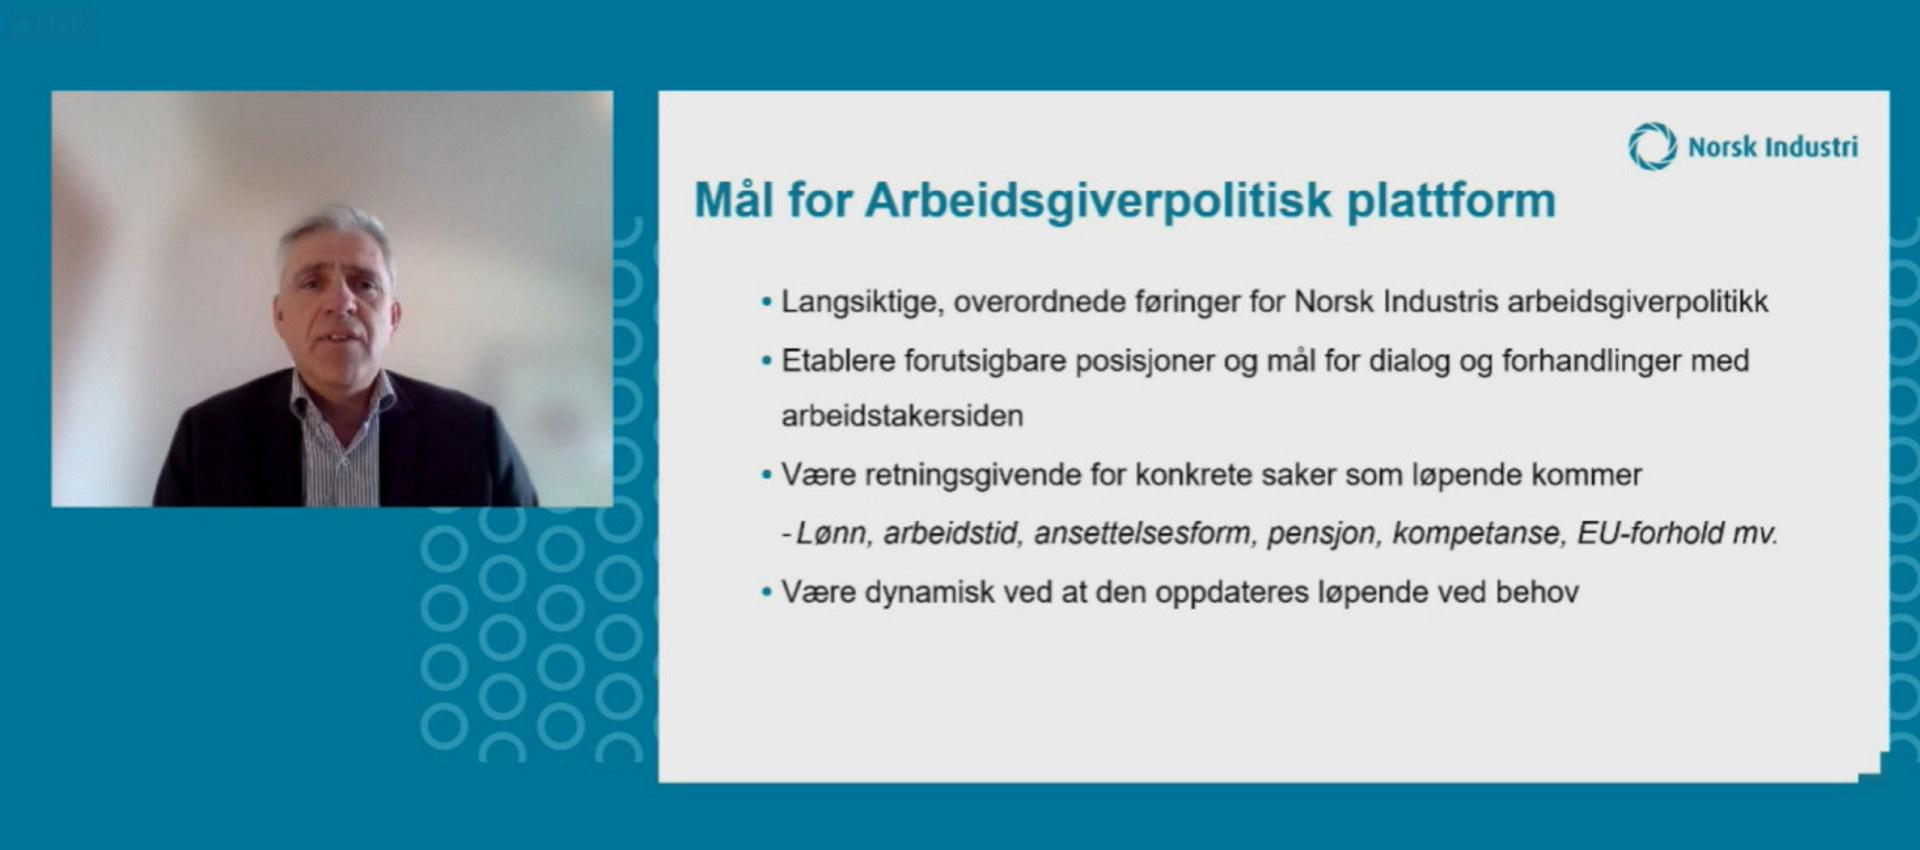 Dag Arthur Aasbø, direktør for organisasjon og samfunnskontakt i Borregaard og medlem av Norsk Industris arbeidsgiverpolitiske utvalg presenterer Norsk Industris arbeidsgiverpolitiske plattform på Arbeidsgiver 2021. Skjermdump fra den digitale konferansen